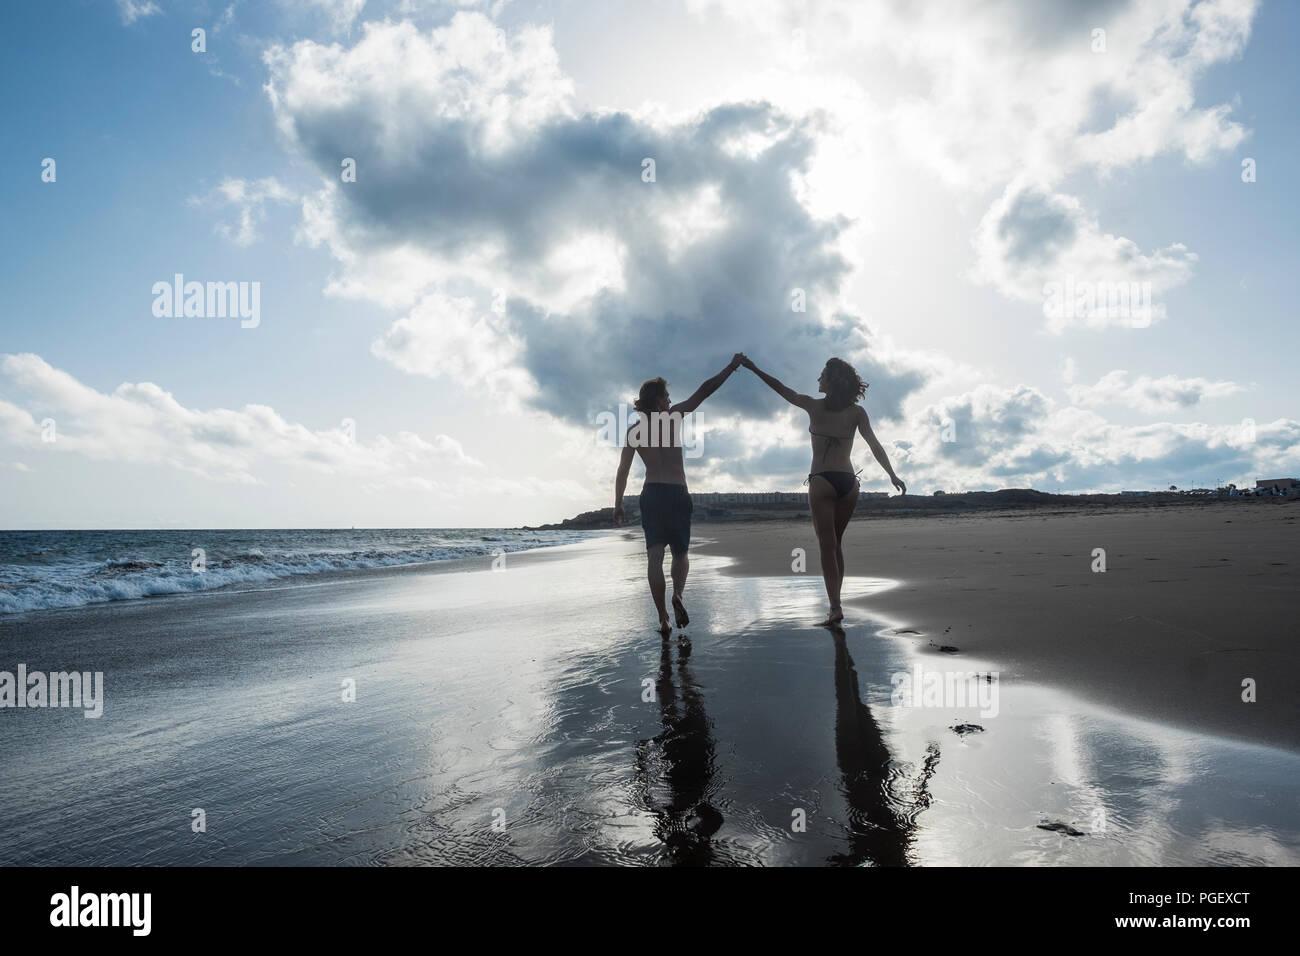 Glück und Freude Konzept für ein paar junge schöne Menschen aus zu Fuß zurück am Ufer Berühren der Hände einander. Liebe und Freunde gesehen Stockbild